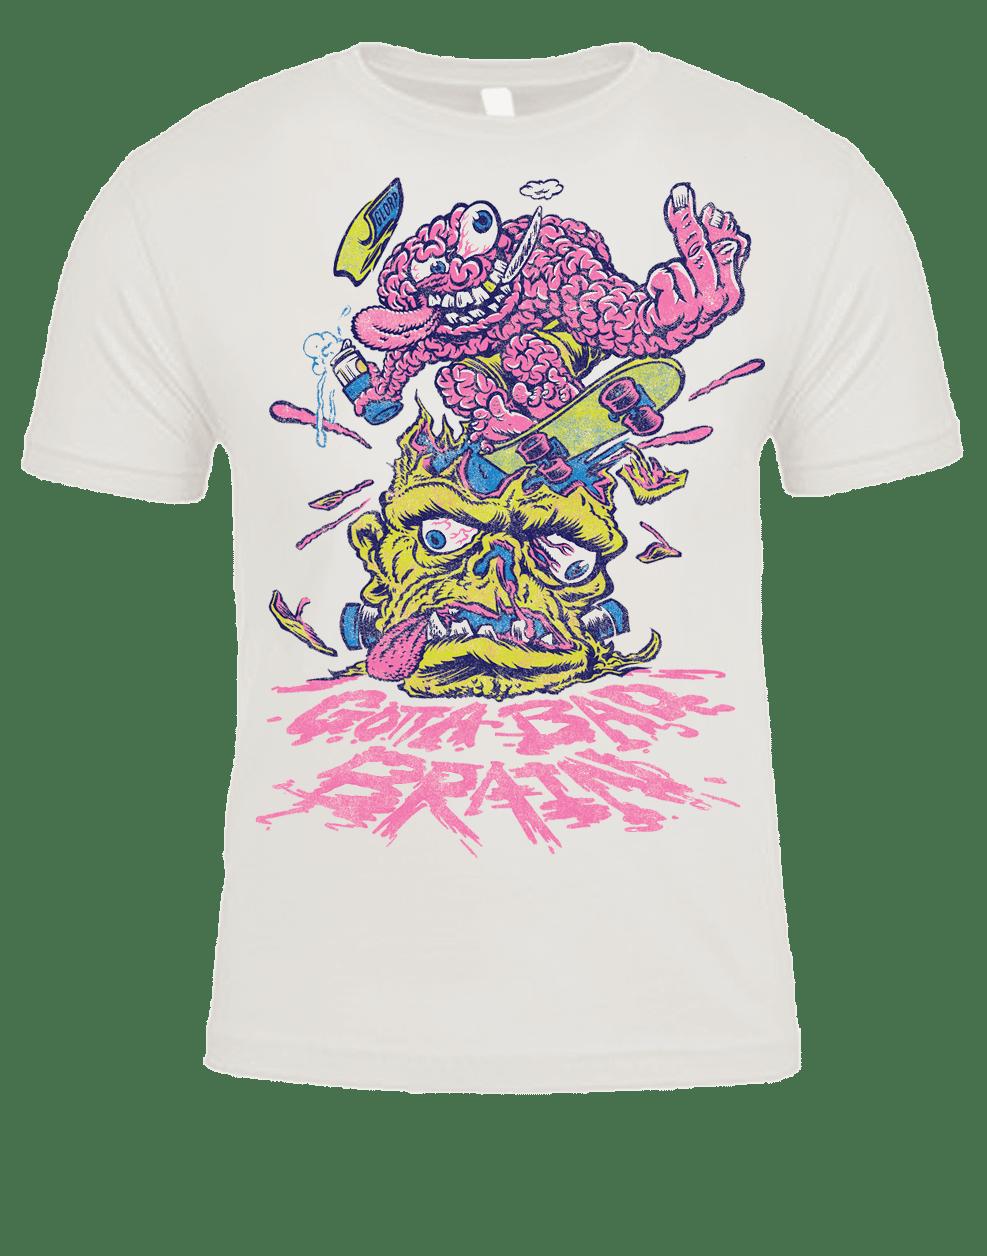 Bad Brain T-Shirt